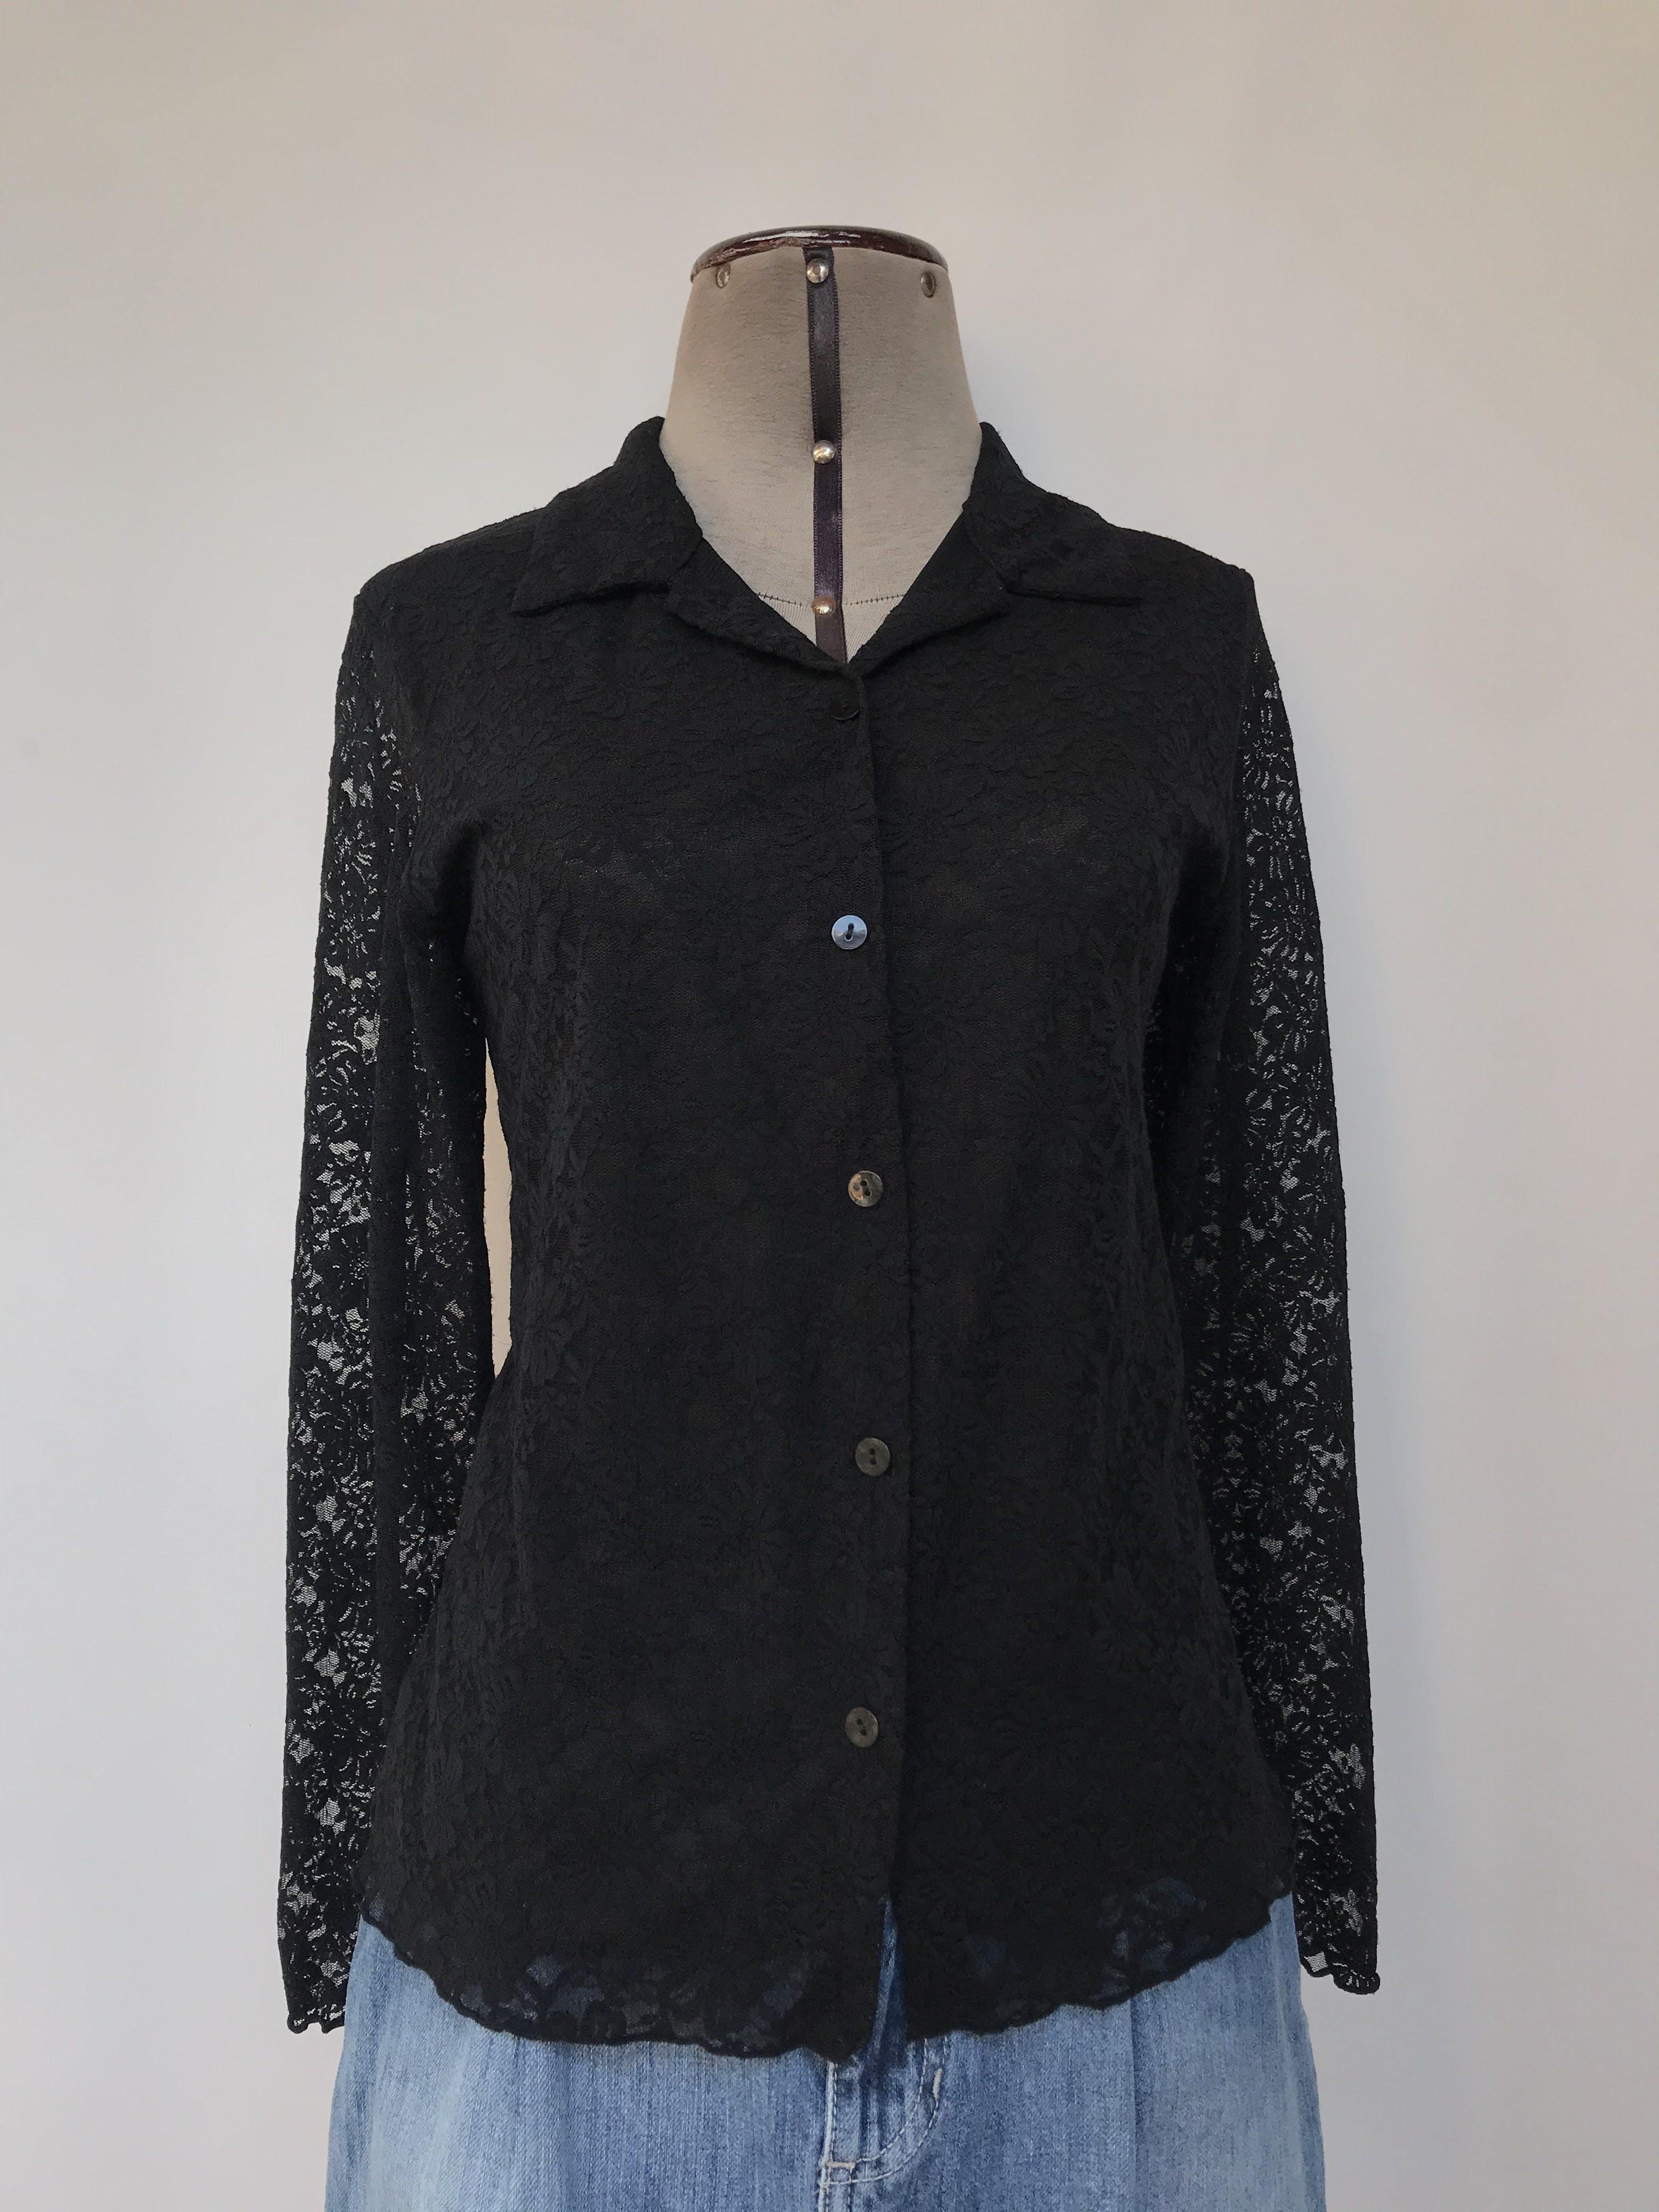 Blusa de encaje negro, camisera con fila de botones, ligeramente stretch y forro de tull Talla S